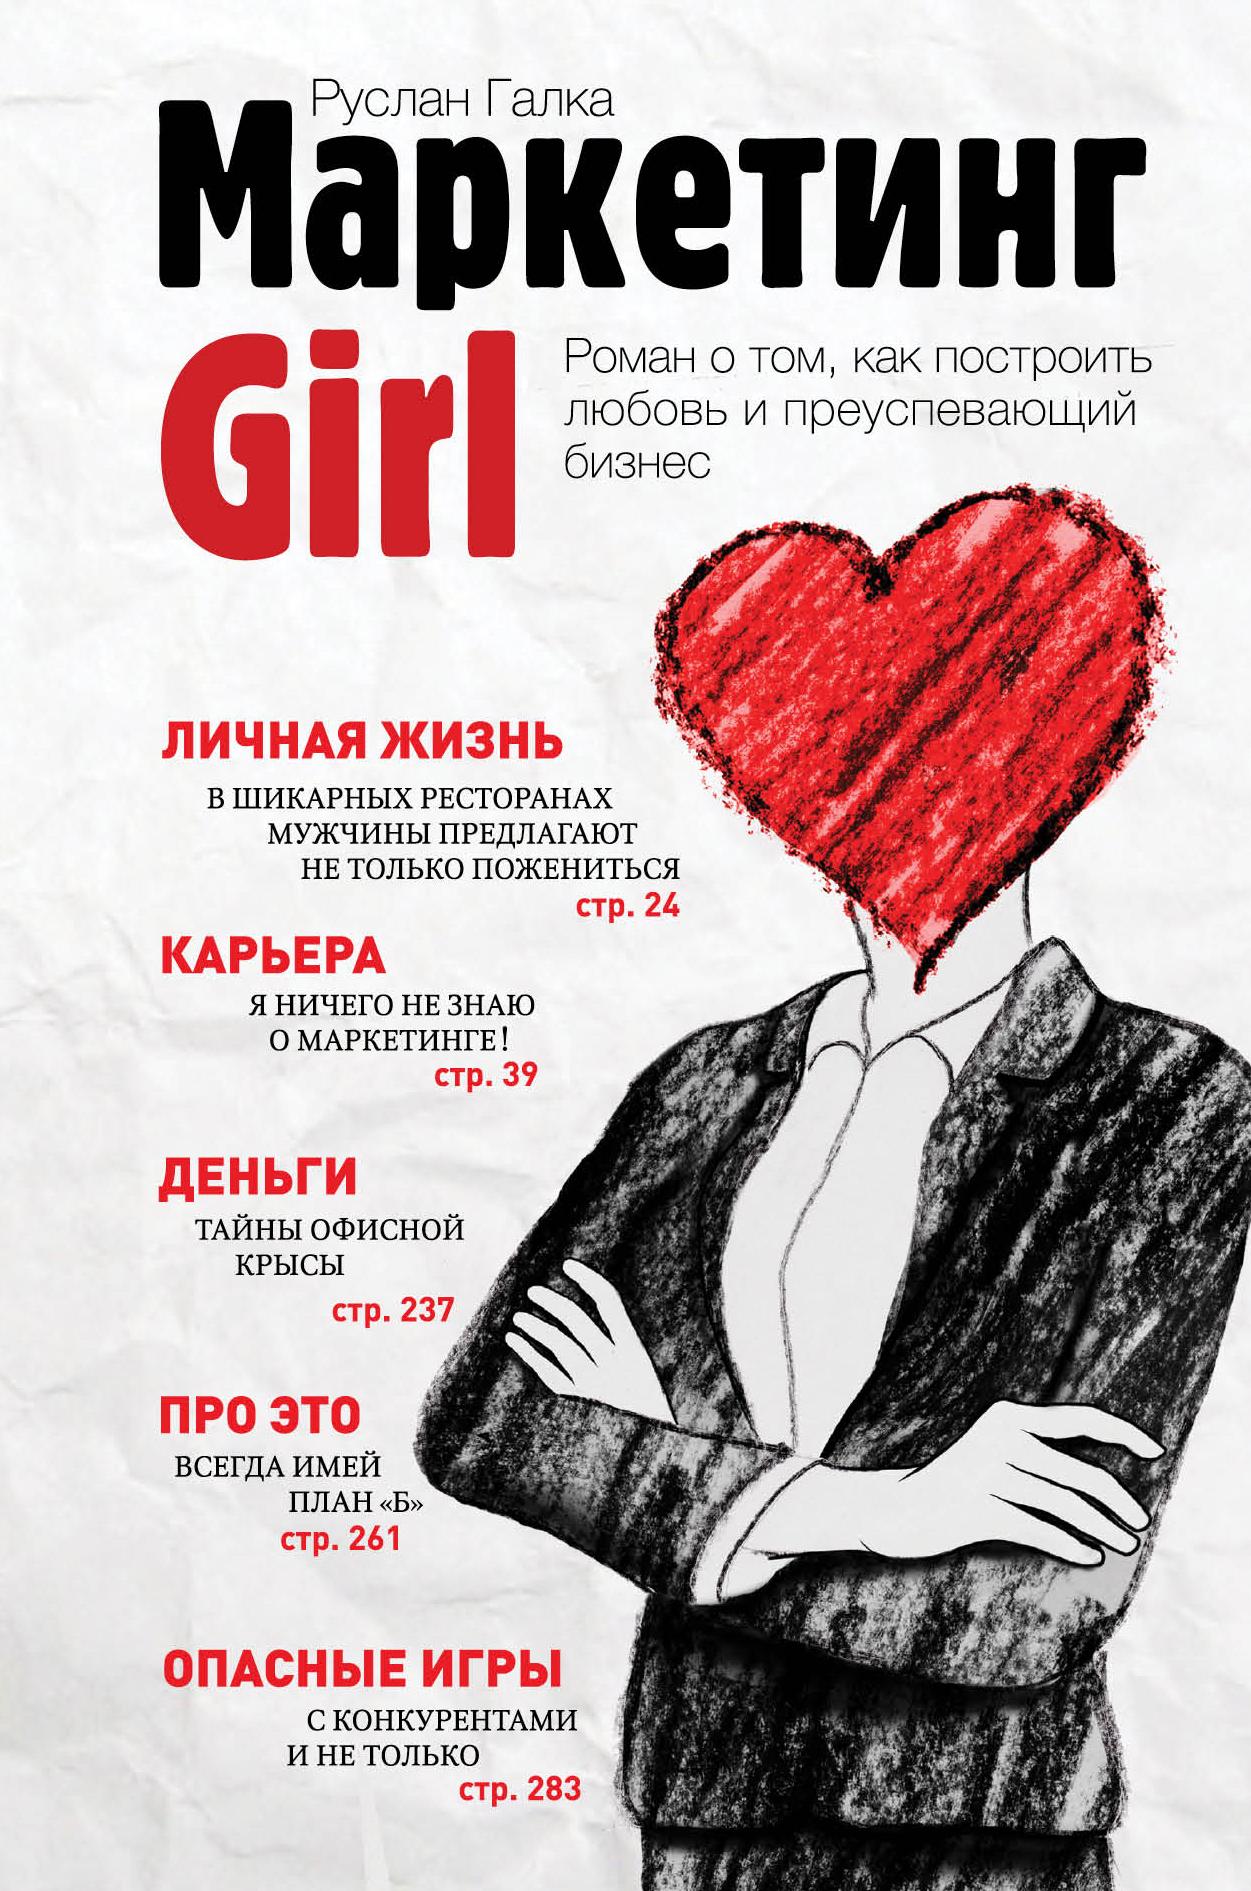 Маркетинг Girl. Роман о том, как построить любовь и преуспевающий бизнес ( Галка Р.В.  )